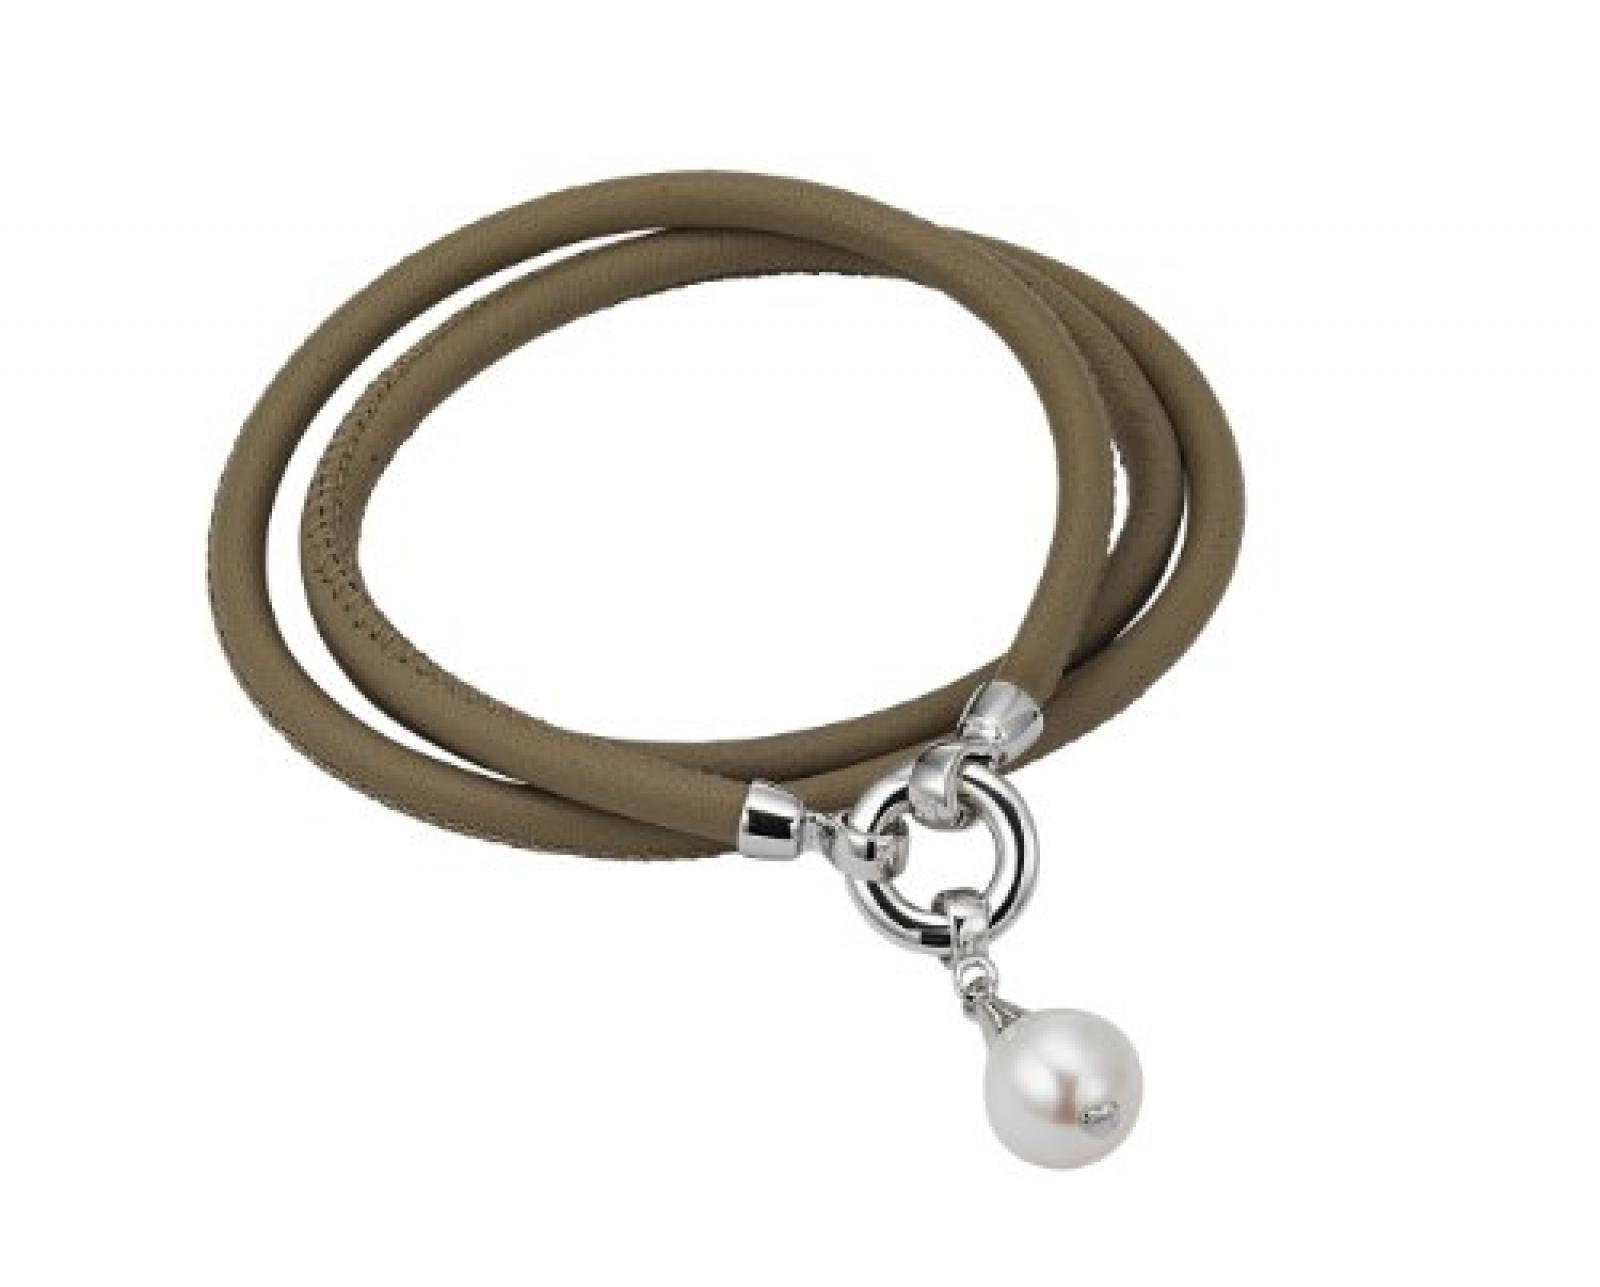 Adriana Damen-Set: Halskette + Armband Süßwasser Zuchtperlen 925 Sterling Silber L1-helltaupe